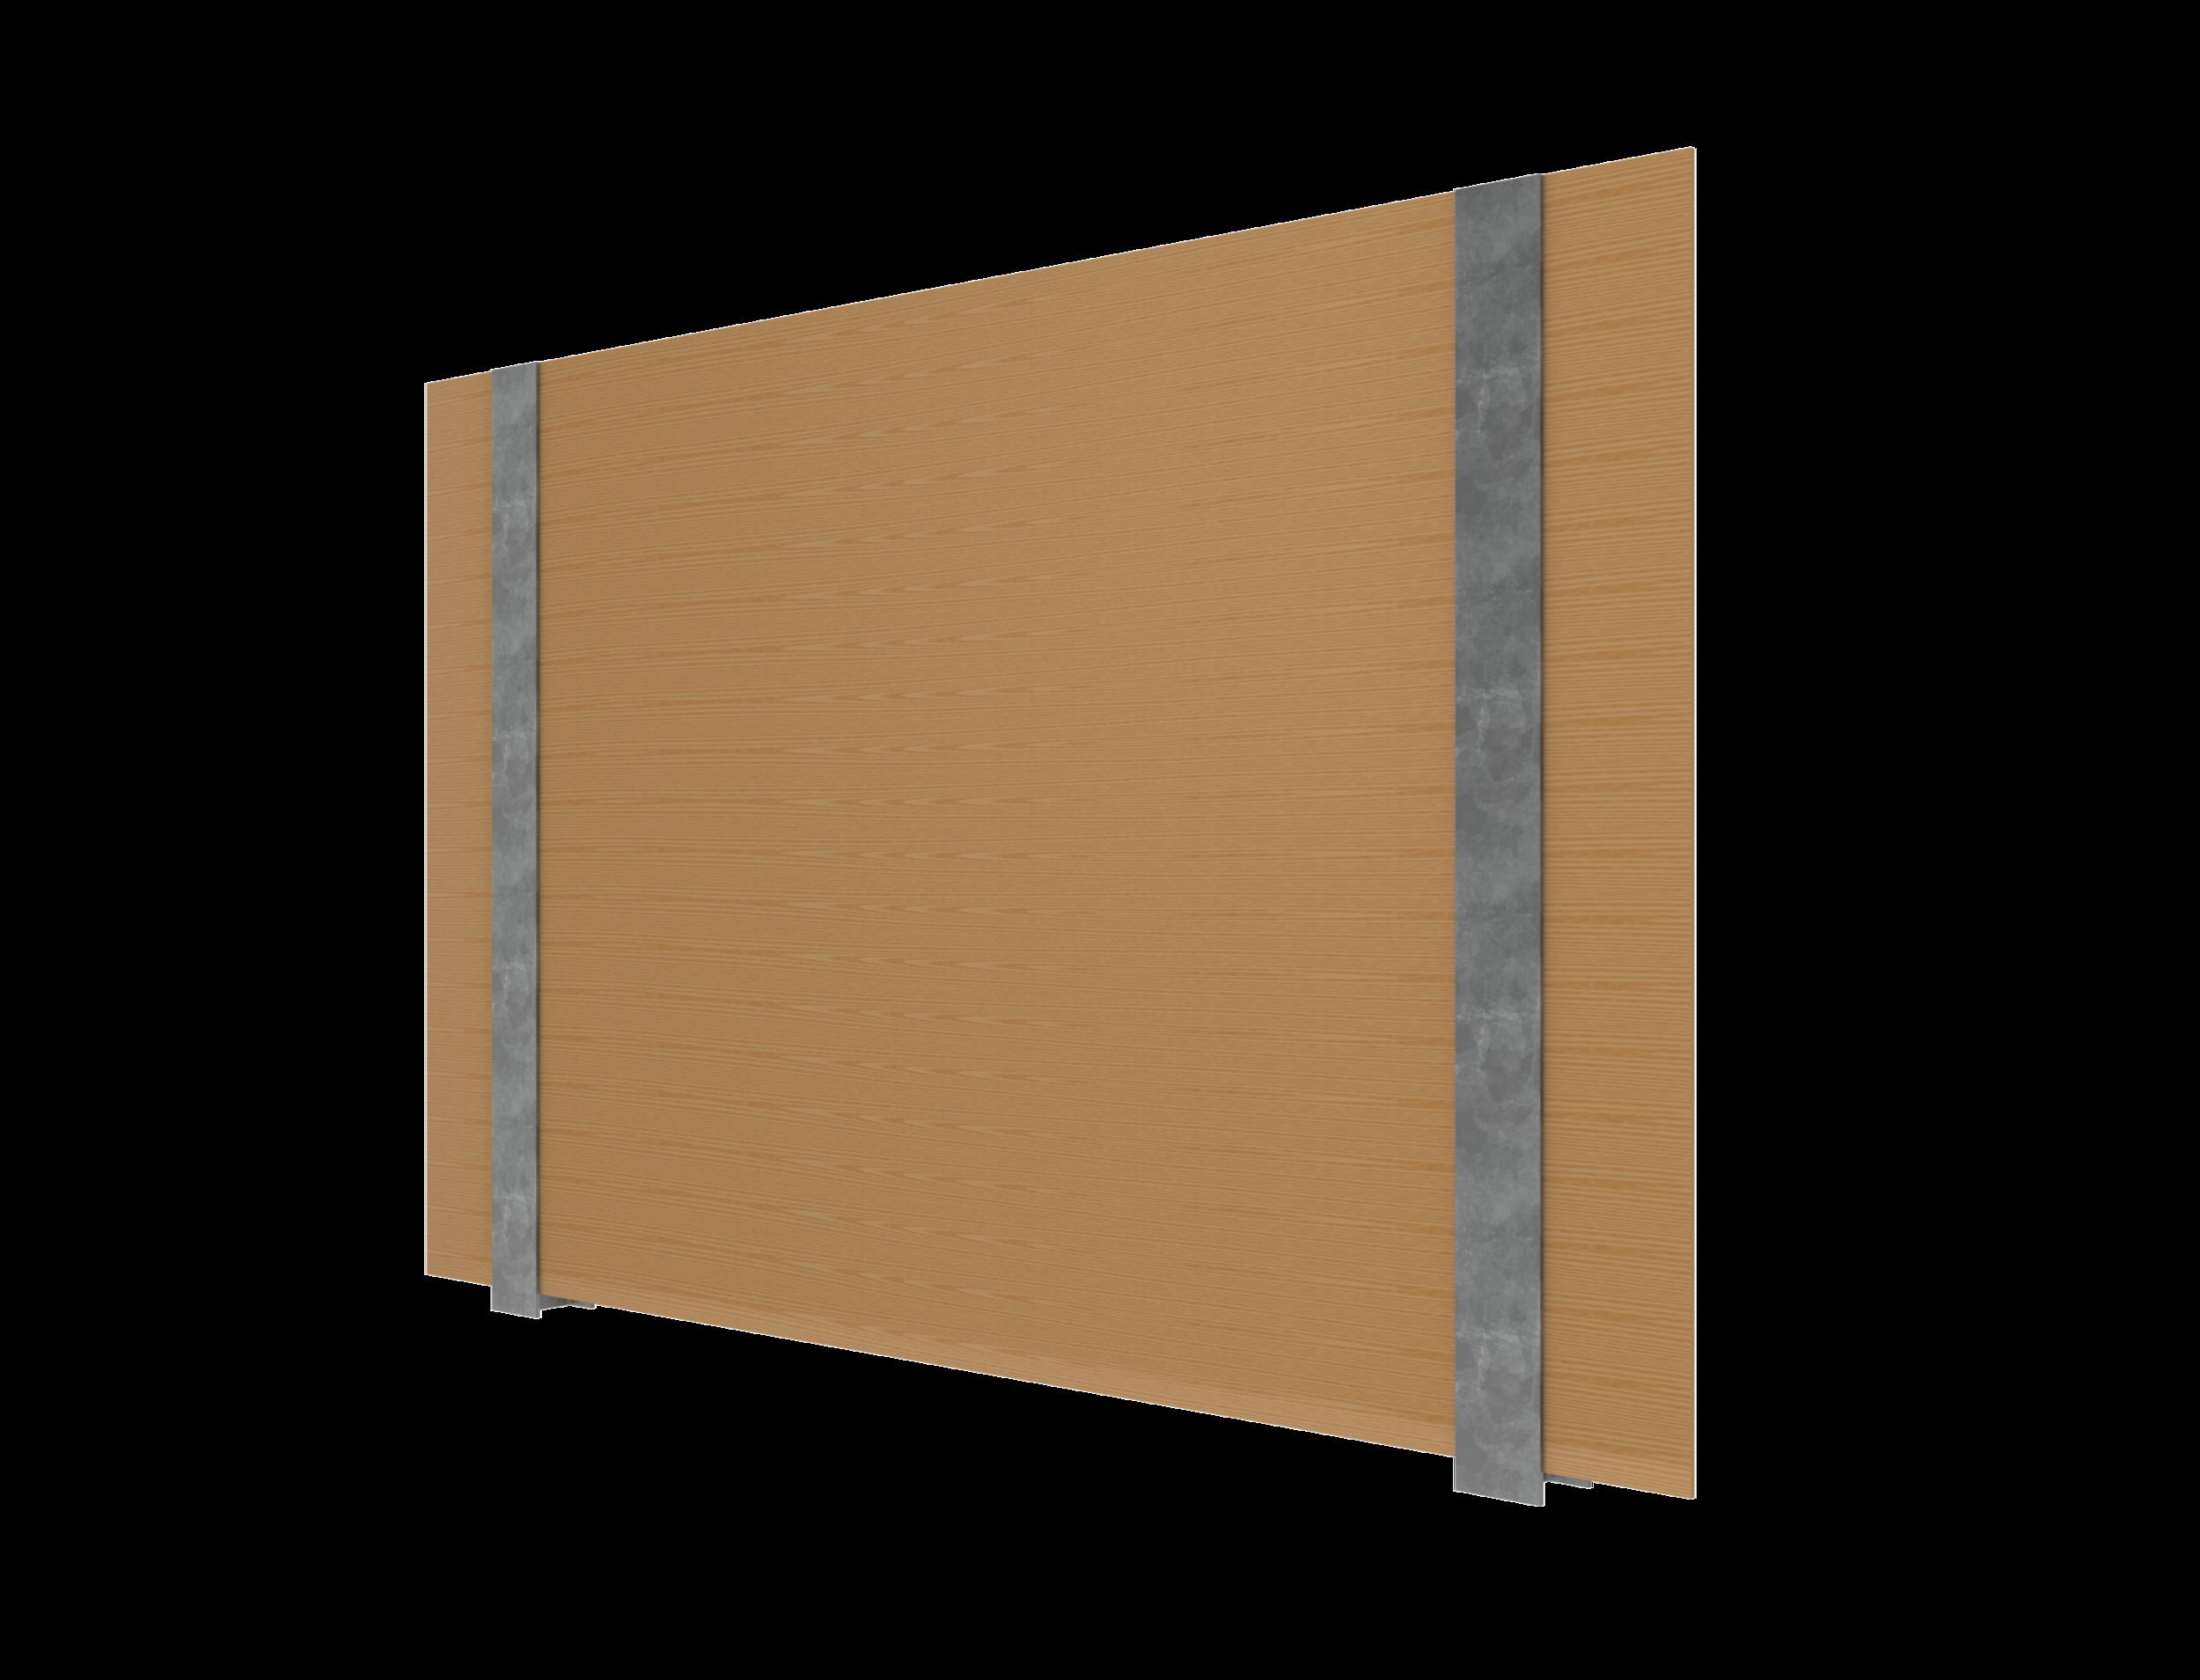 Acoustic noise walls